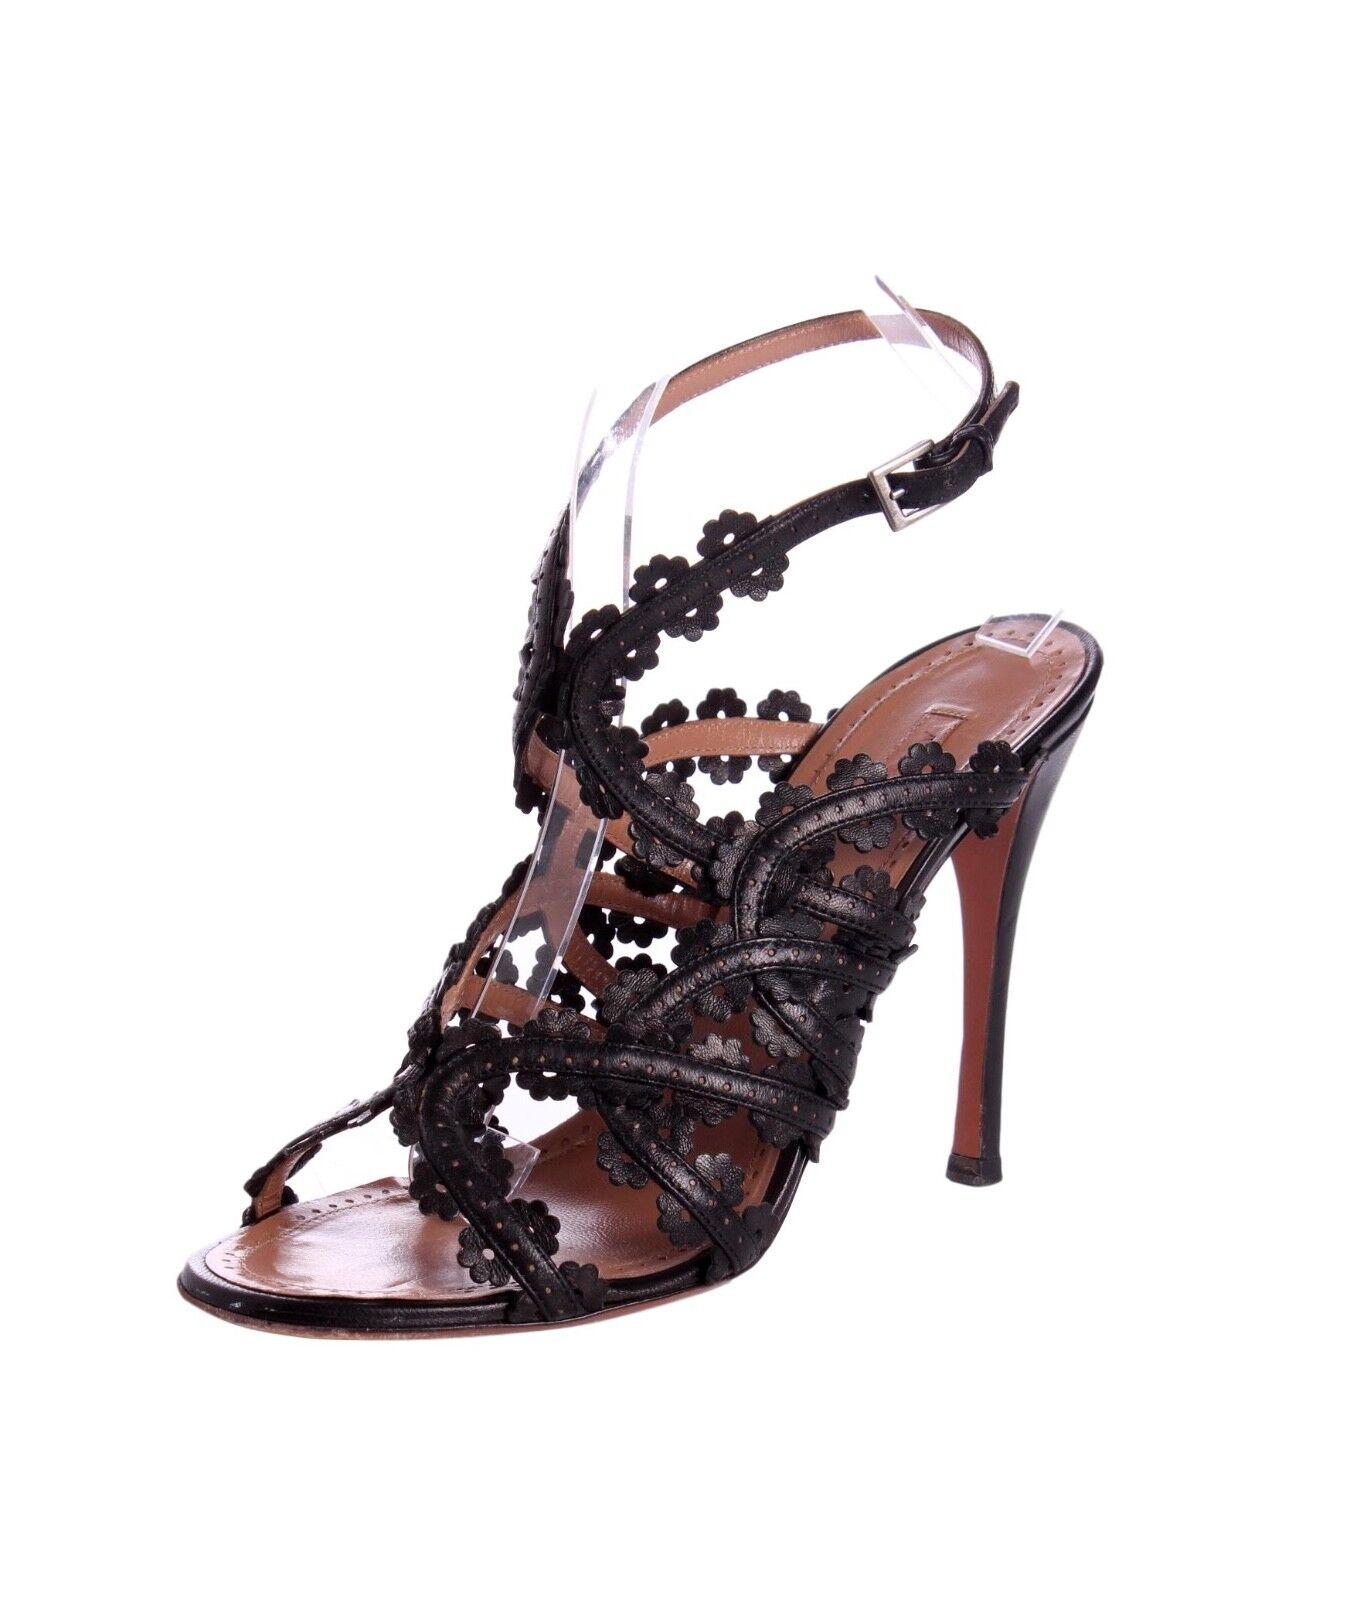 ALAIA Black Leather Floral Laser Cut - Cage Slingback Sandal Heels - Cut US 8.5 ca9baf